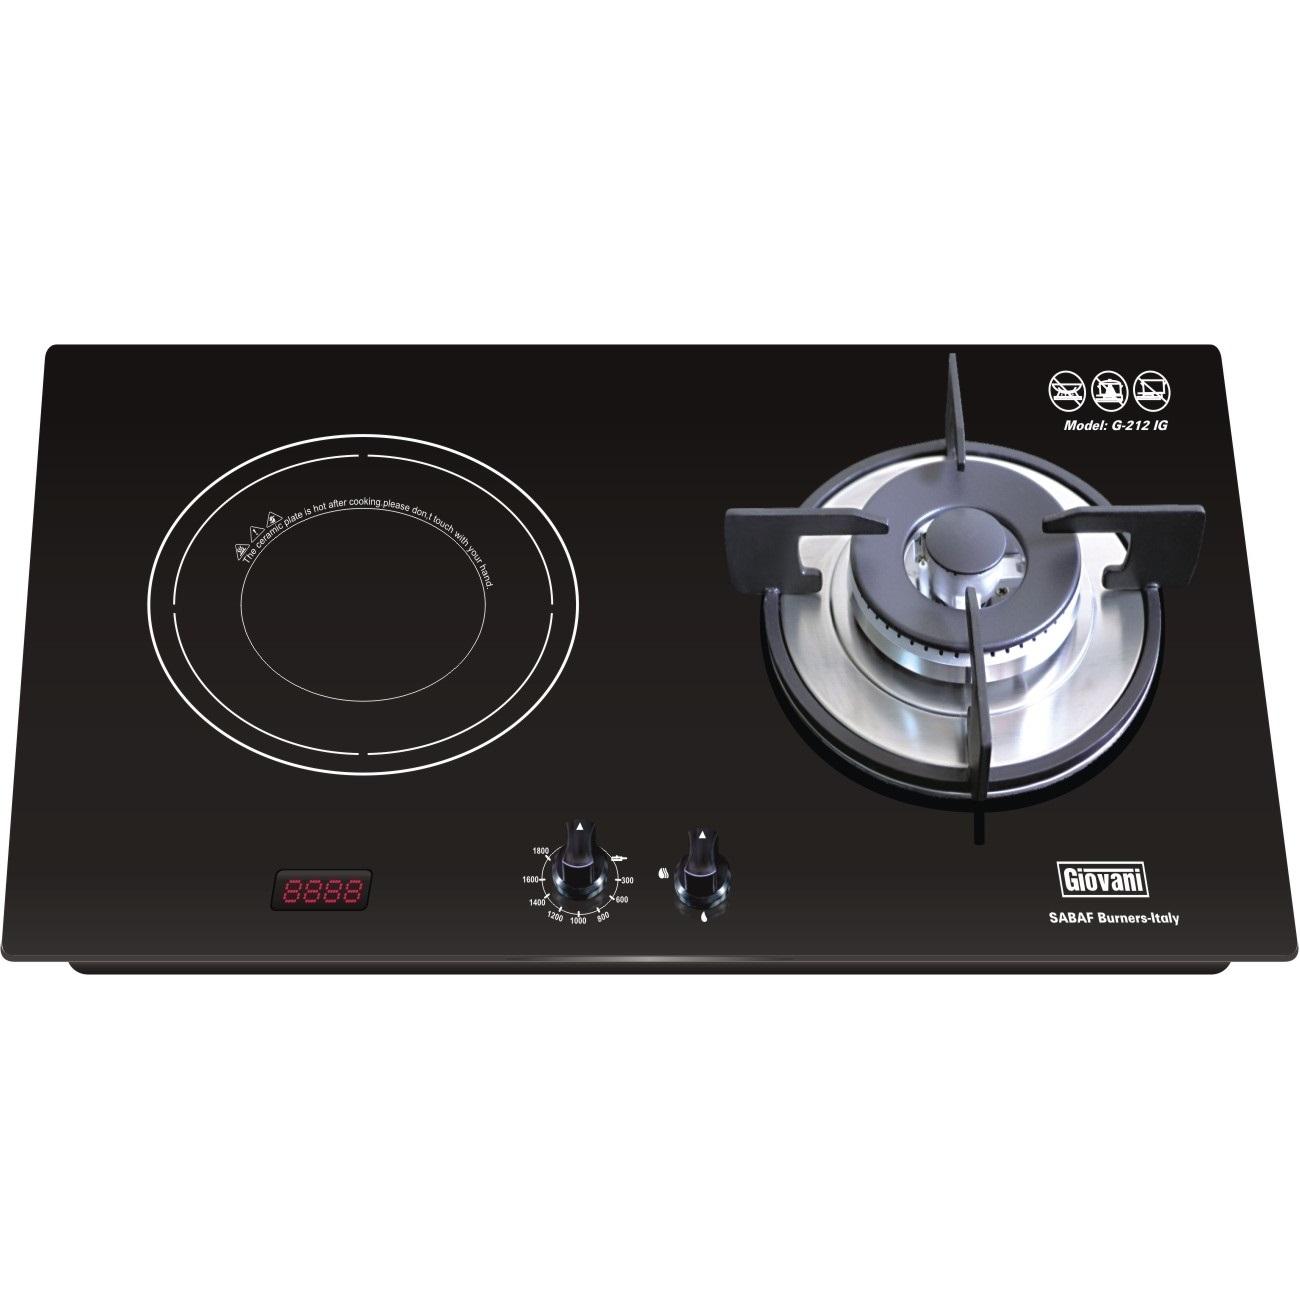 Bếp hỗn hợp từ và gas Giovani G212 IG không ngại mất điện